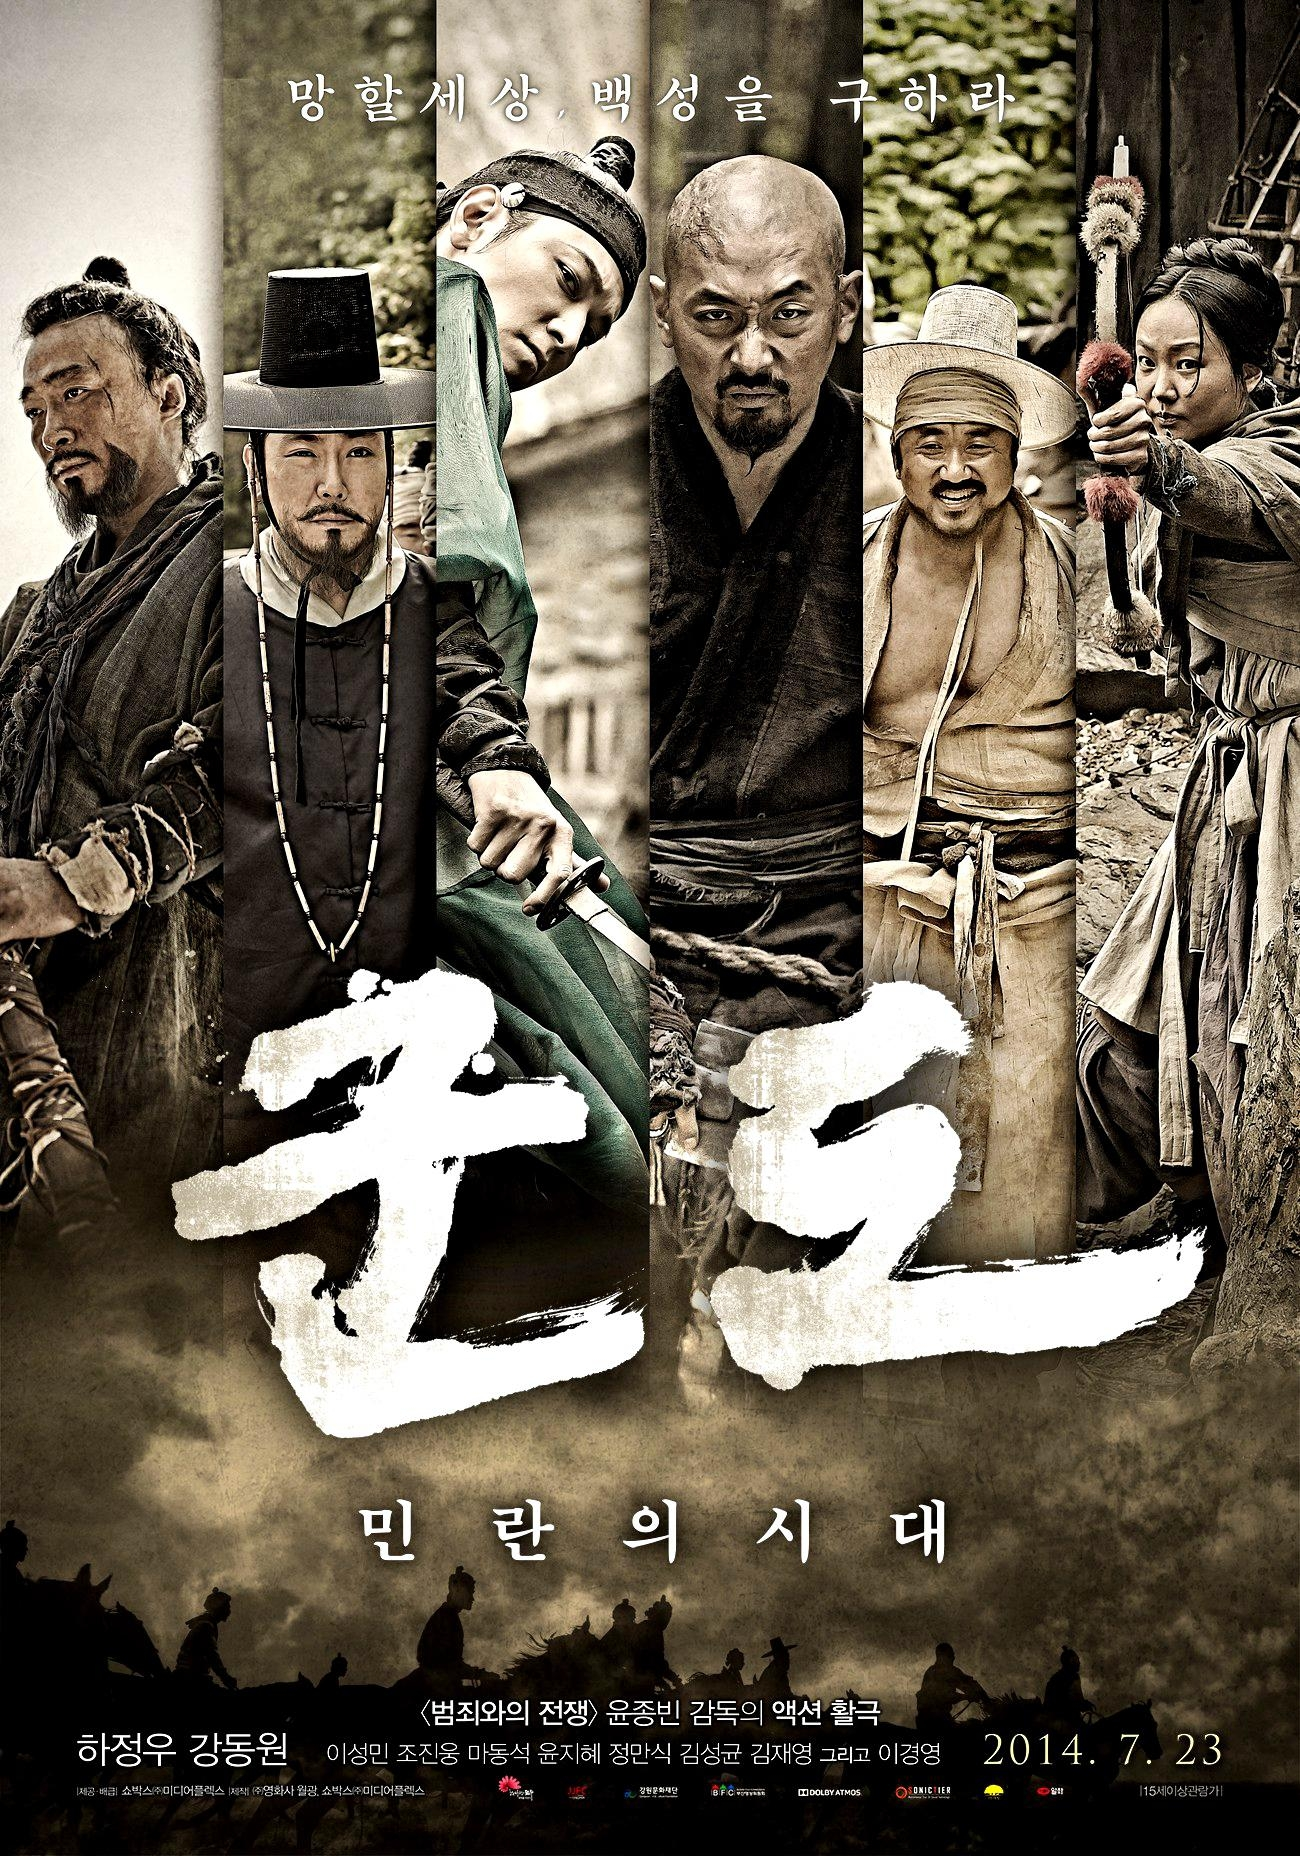 Ác Quỉ Ngàn Năm - Min Ran Eui Si Dae (2014)